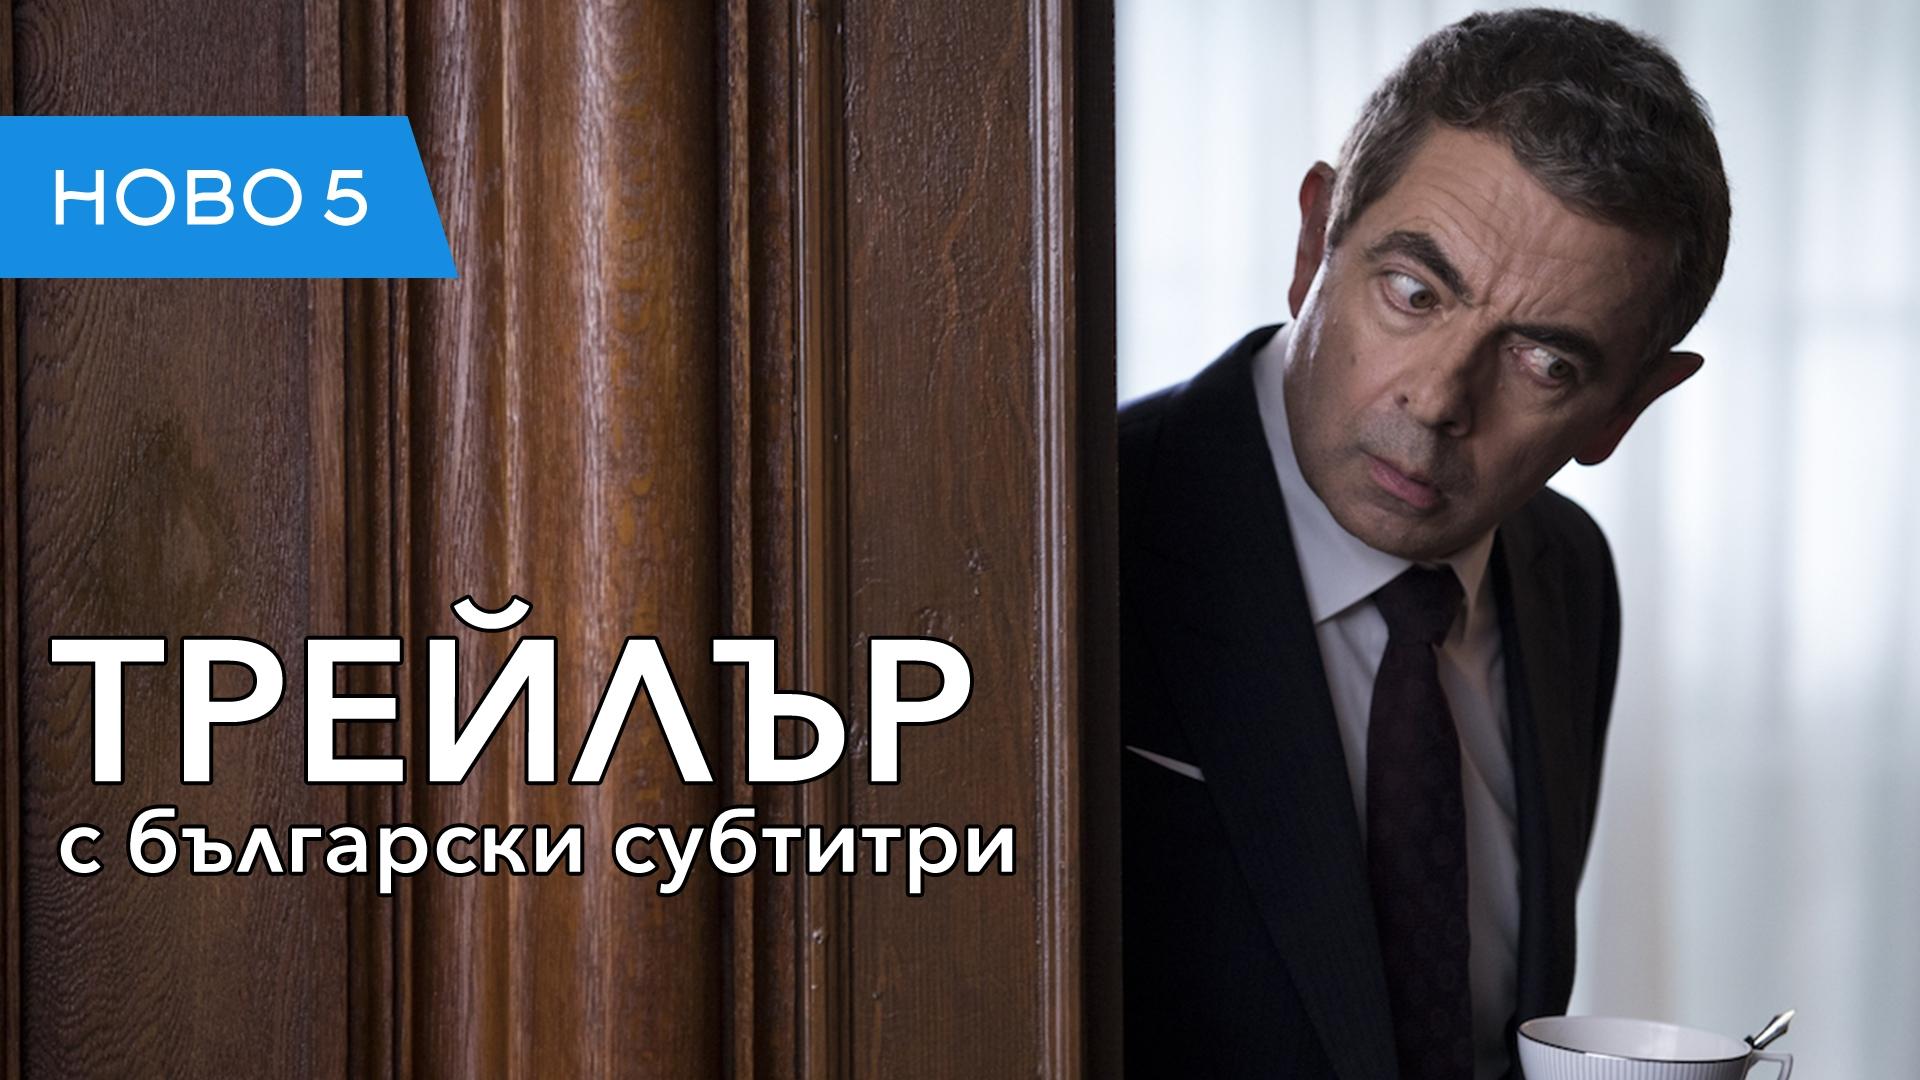 Джони Инглиш избухва отново (2018) трейлър с български субтитри